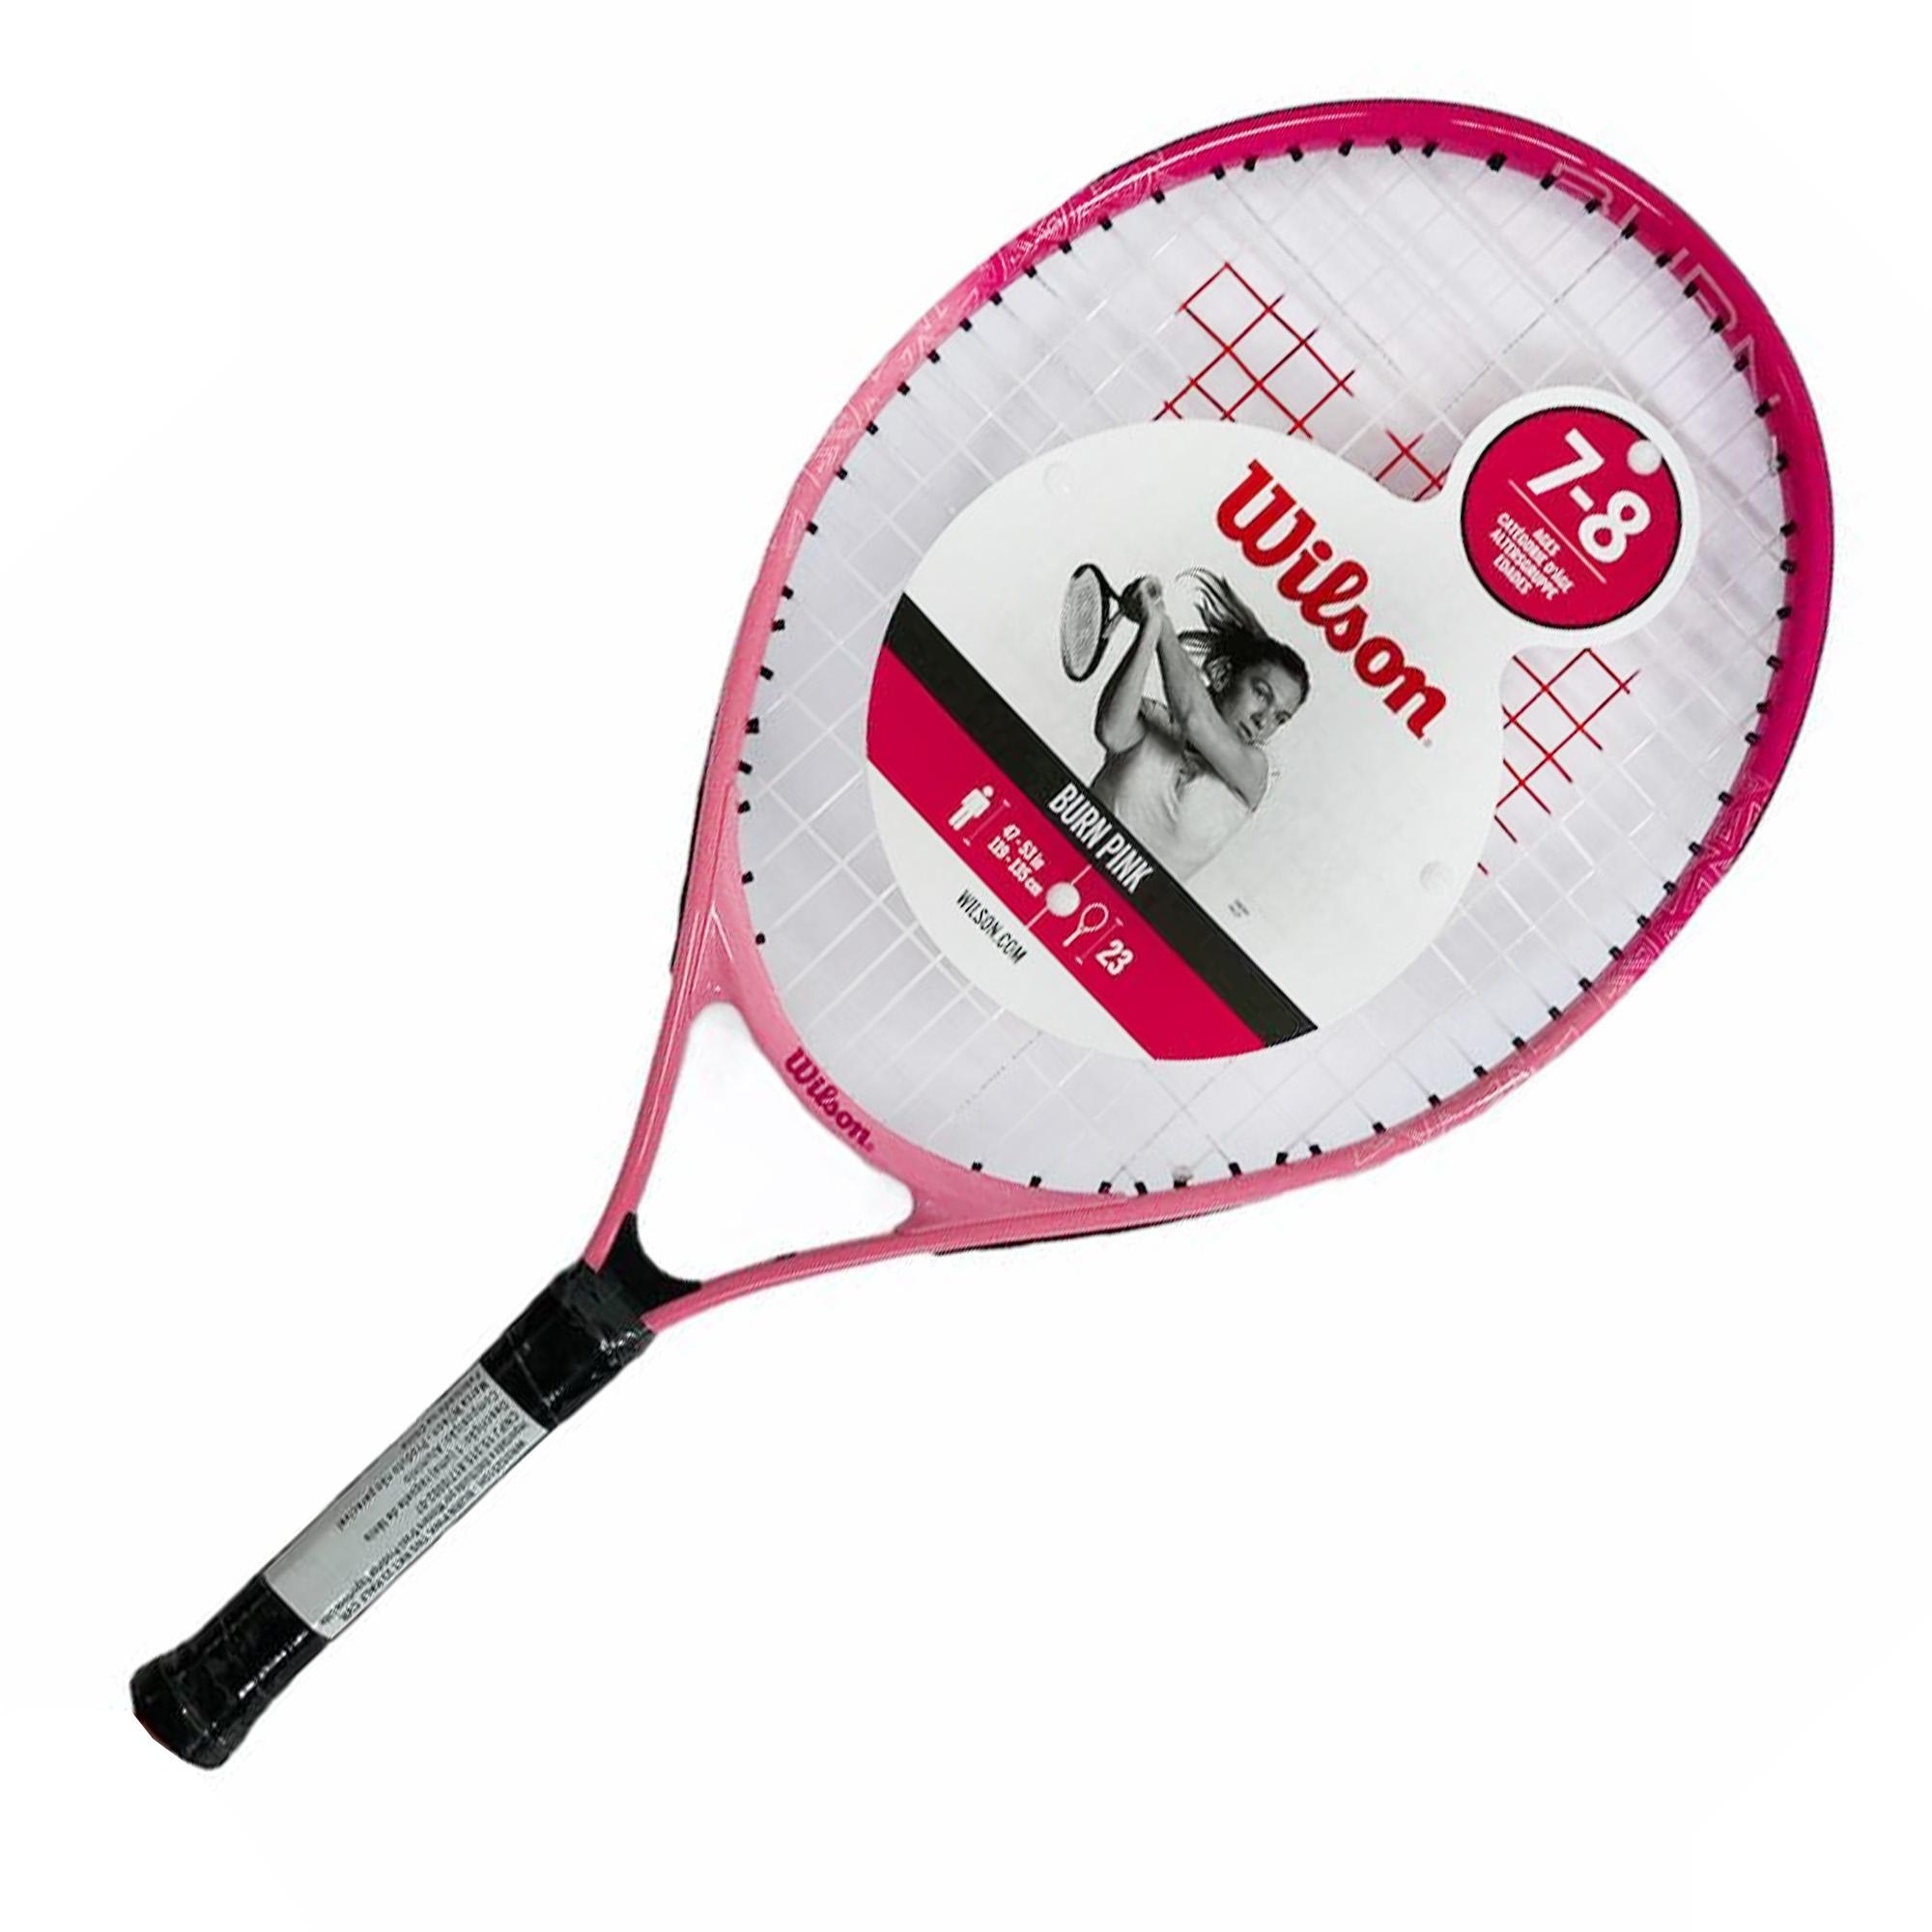 Raquete de Tênis Wilson Burn Pink 2 23 Junior